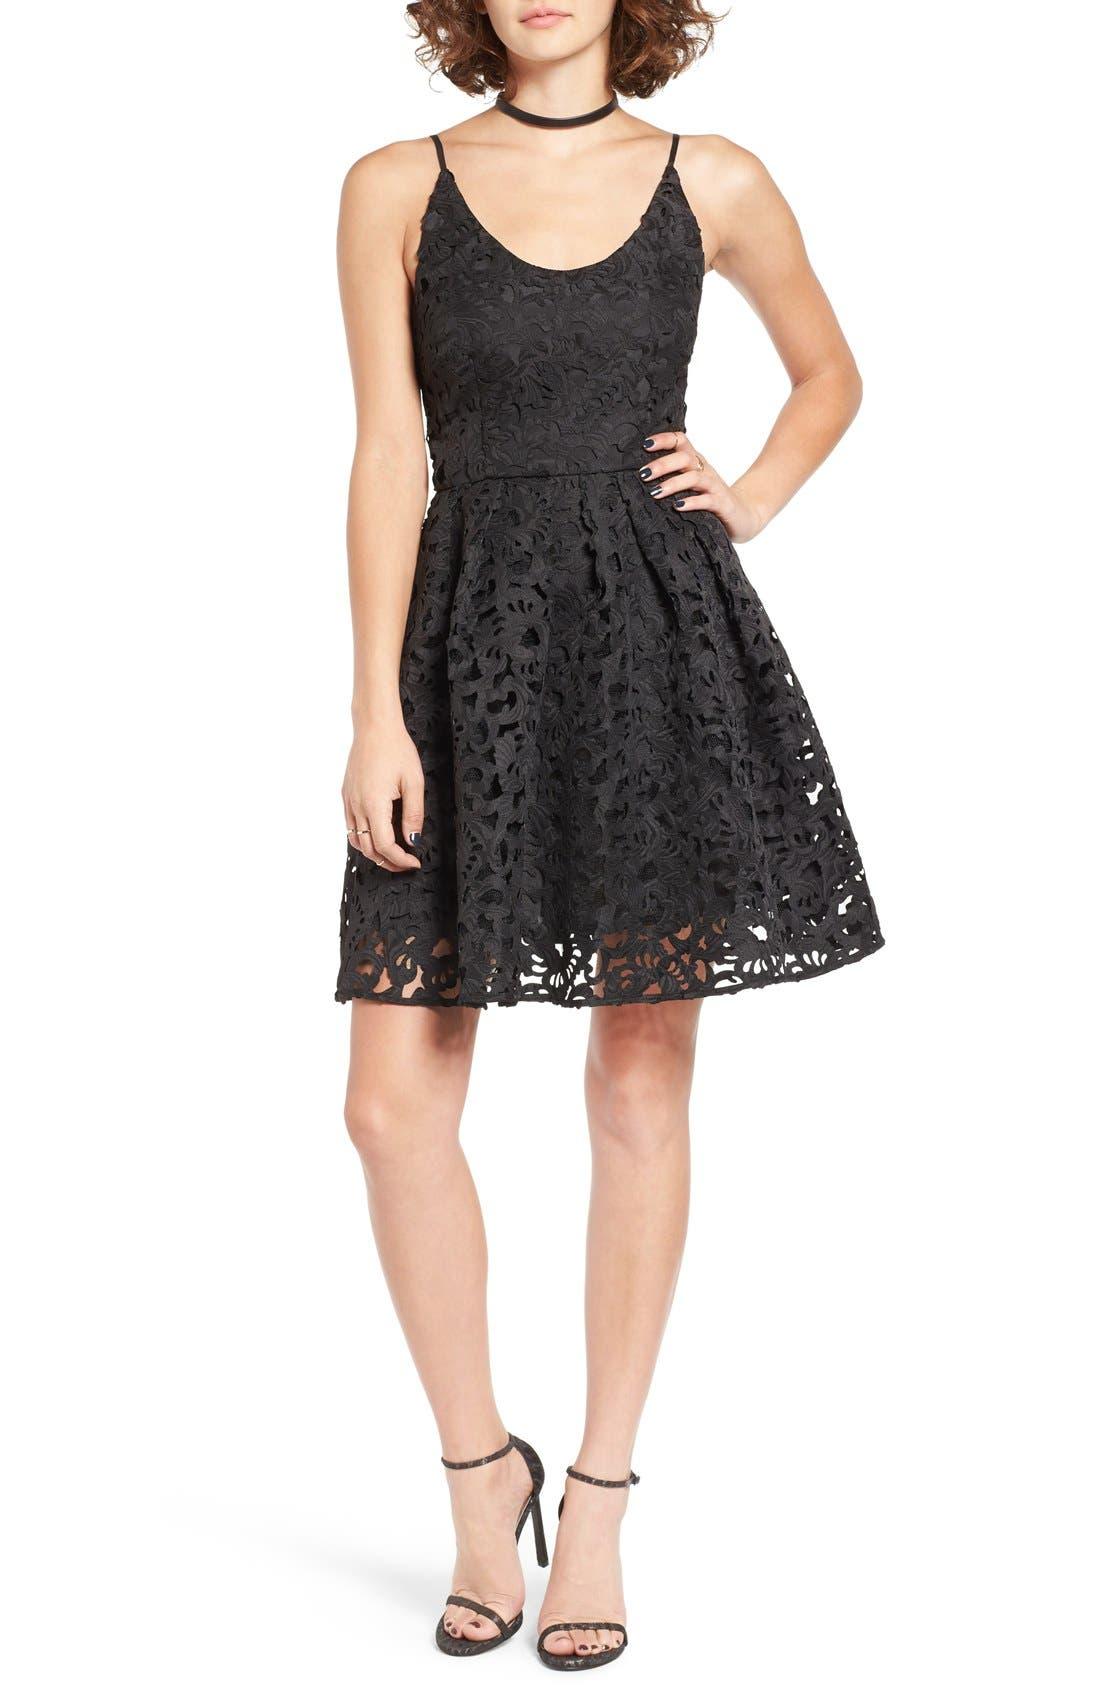 Main Image - a. drea Laser Cut Lace Skater Dress